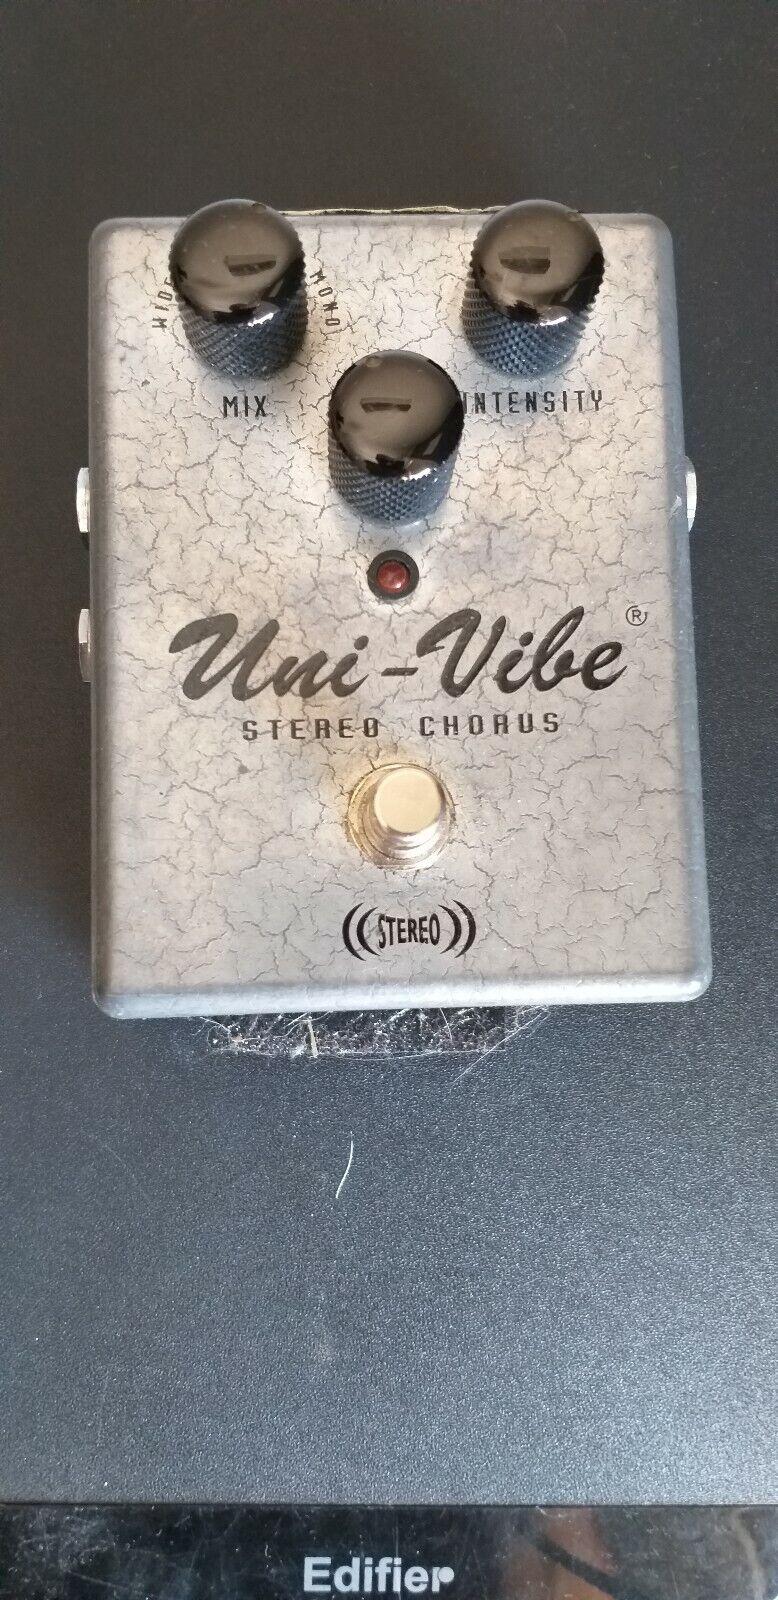 Dunlop USA Uni-Vibe UV-1SC Stereo Chorus Vibrato Effects Pedal  Fuori Produzione